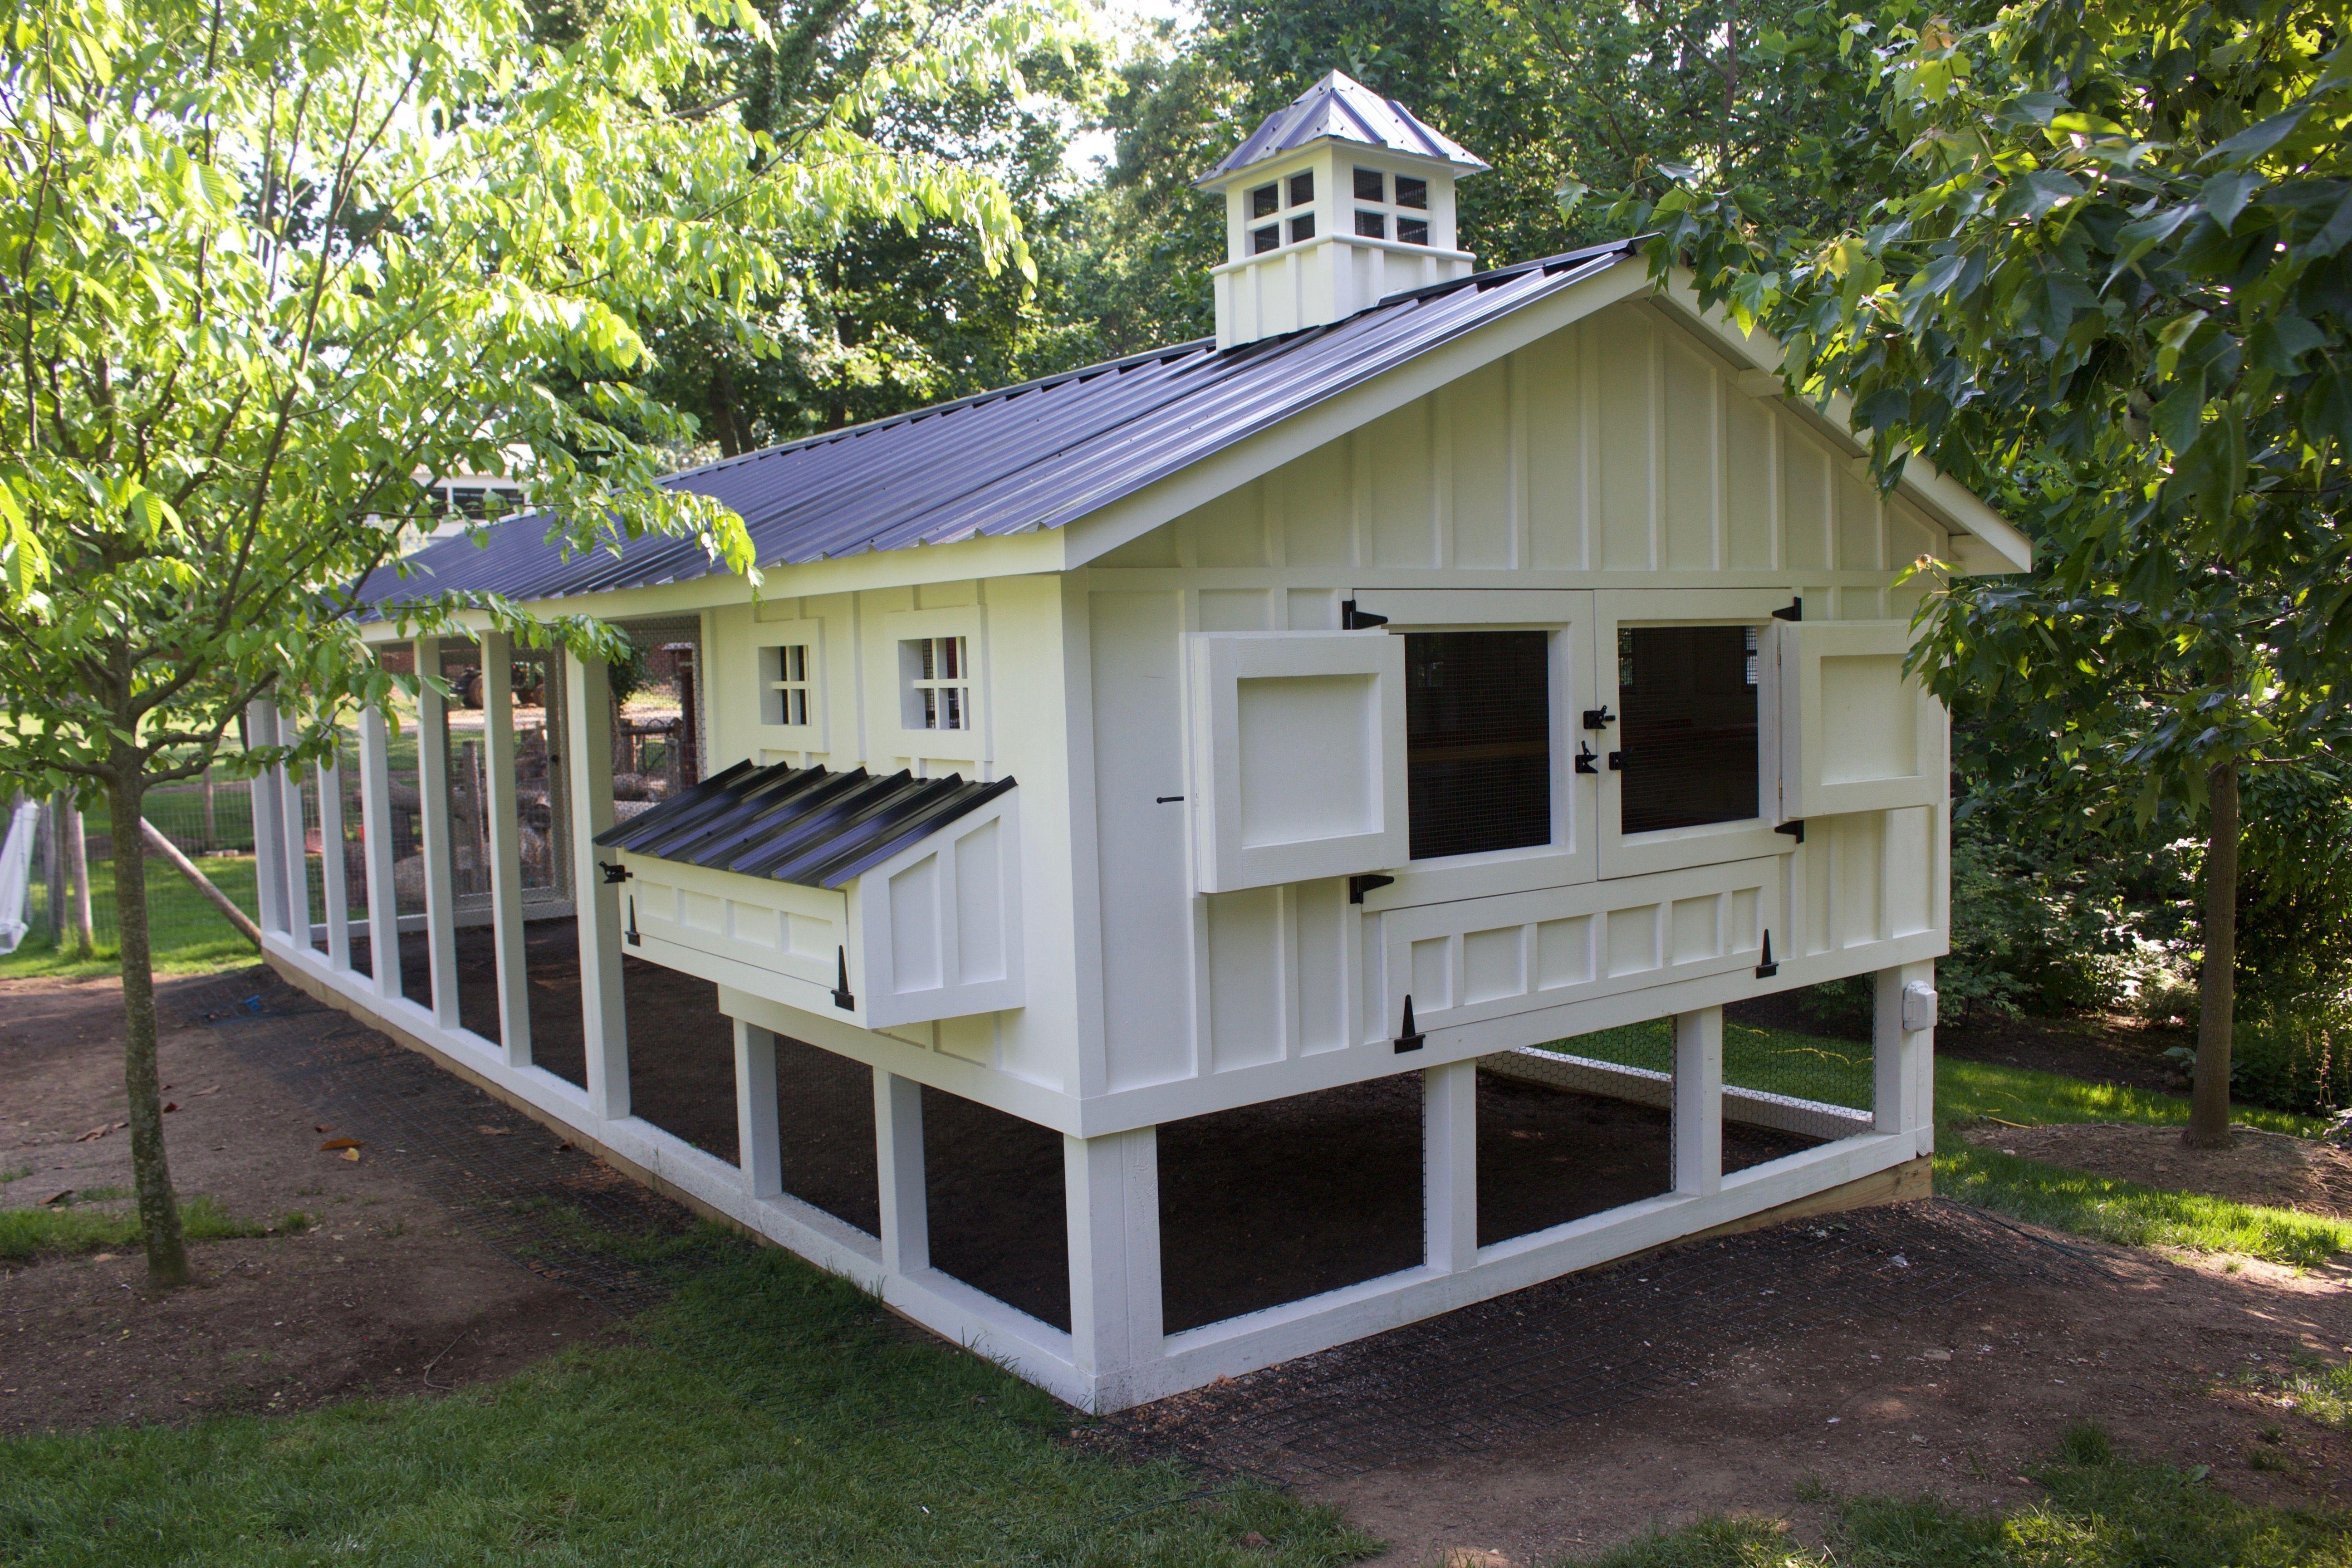 Custom Chicken Coop With The New Hen House Style Screen Doors Building A Chicken Coop Best Chicken Coop Chicken Coop